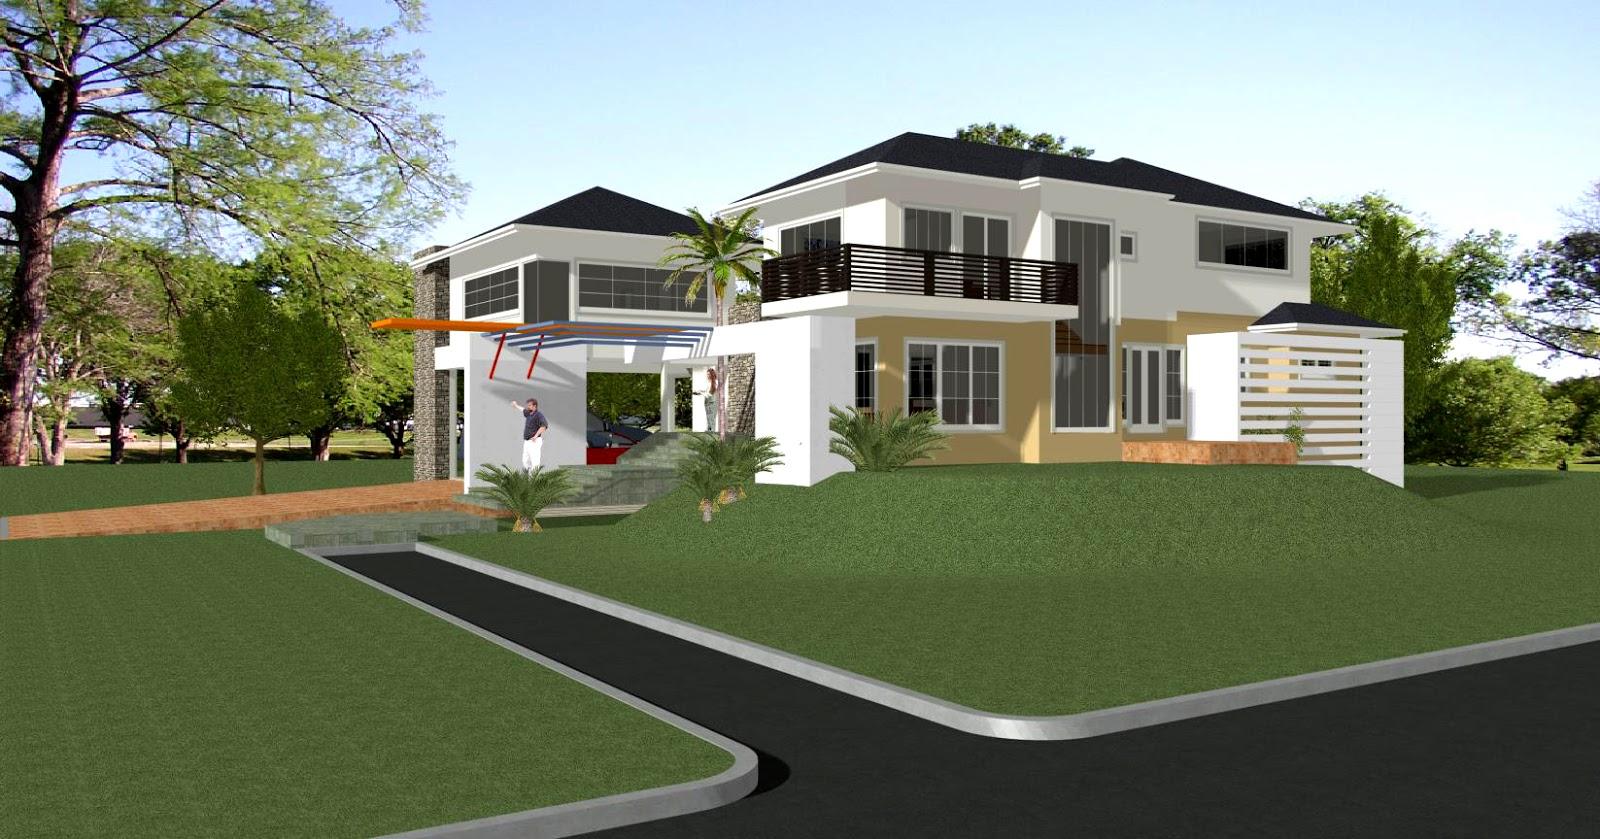 Superb House Design In The Philippines Iloilo Philippines House Design Iloilo House  Design In Philippines Iloilo House